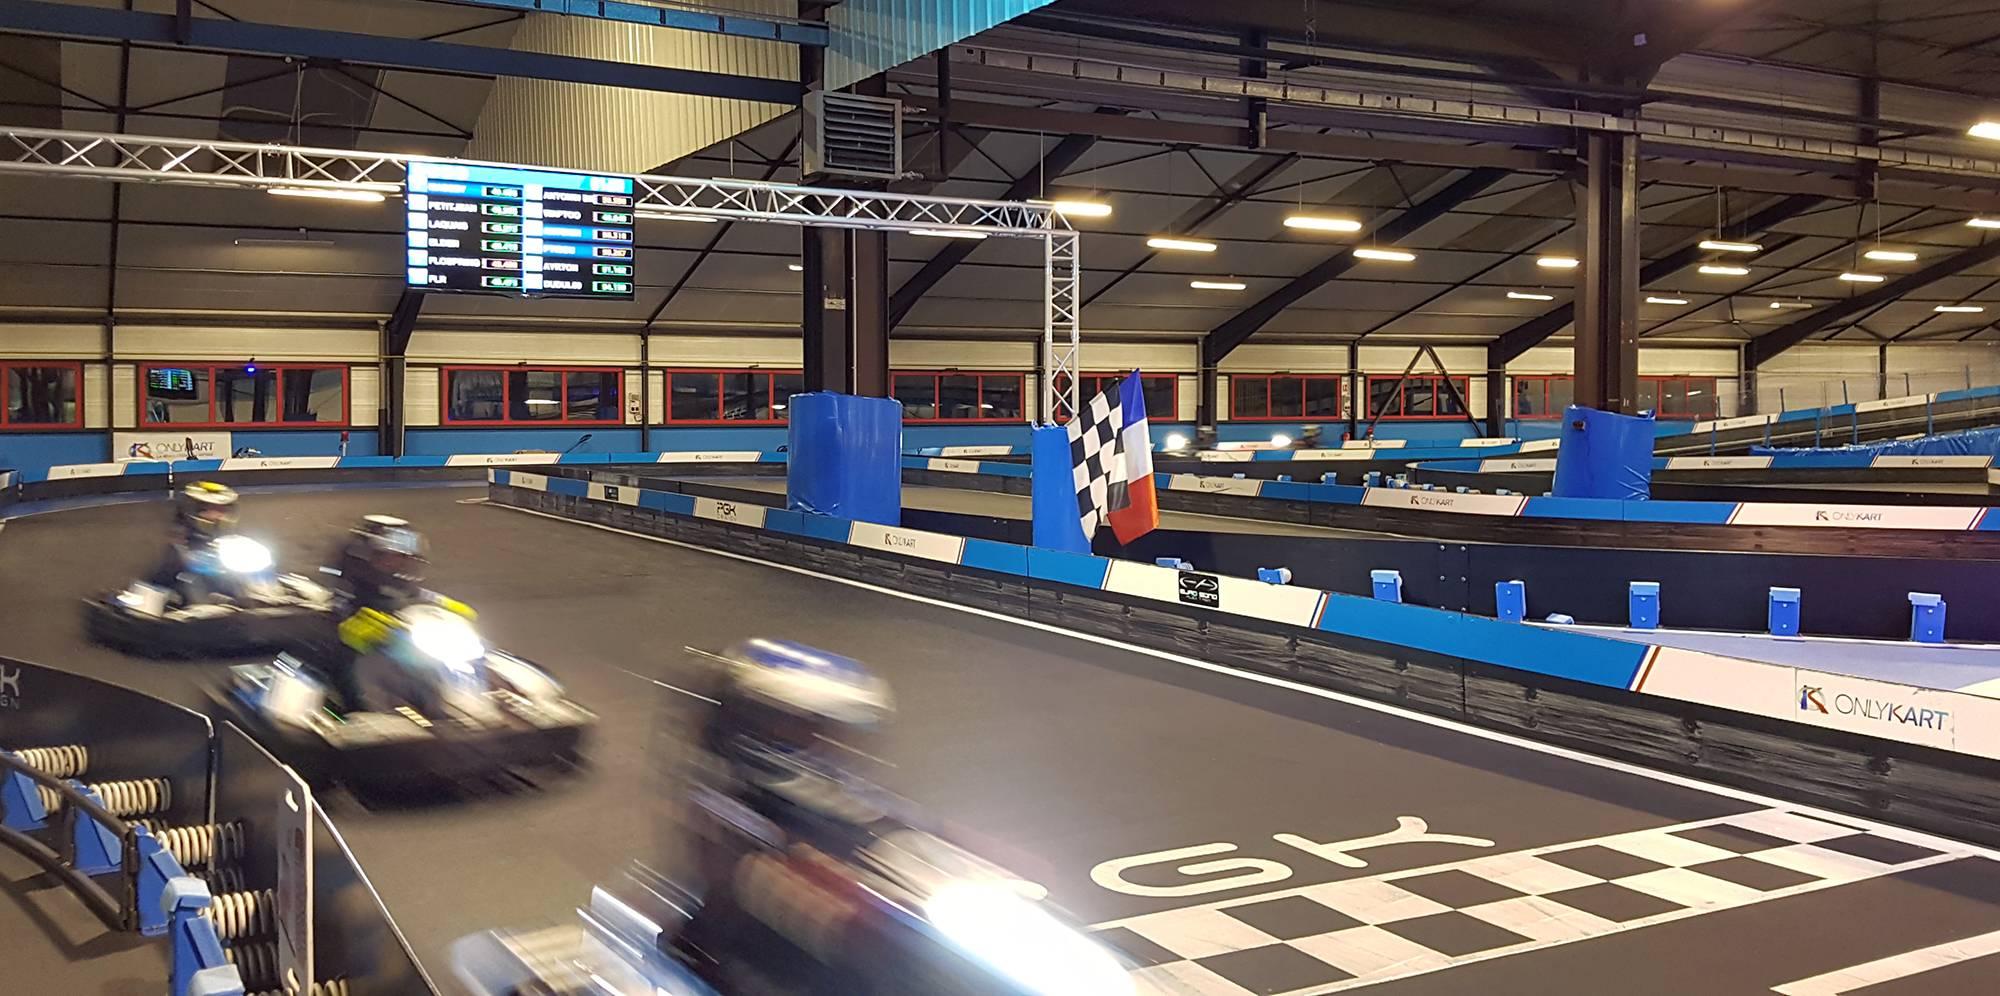 pilotez sur notre piste de karting dans le sens inverse